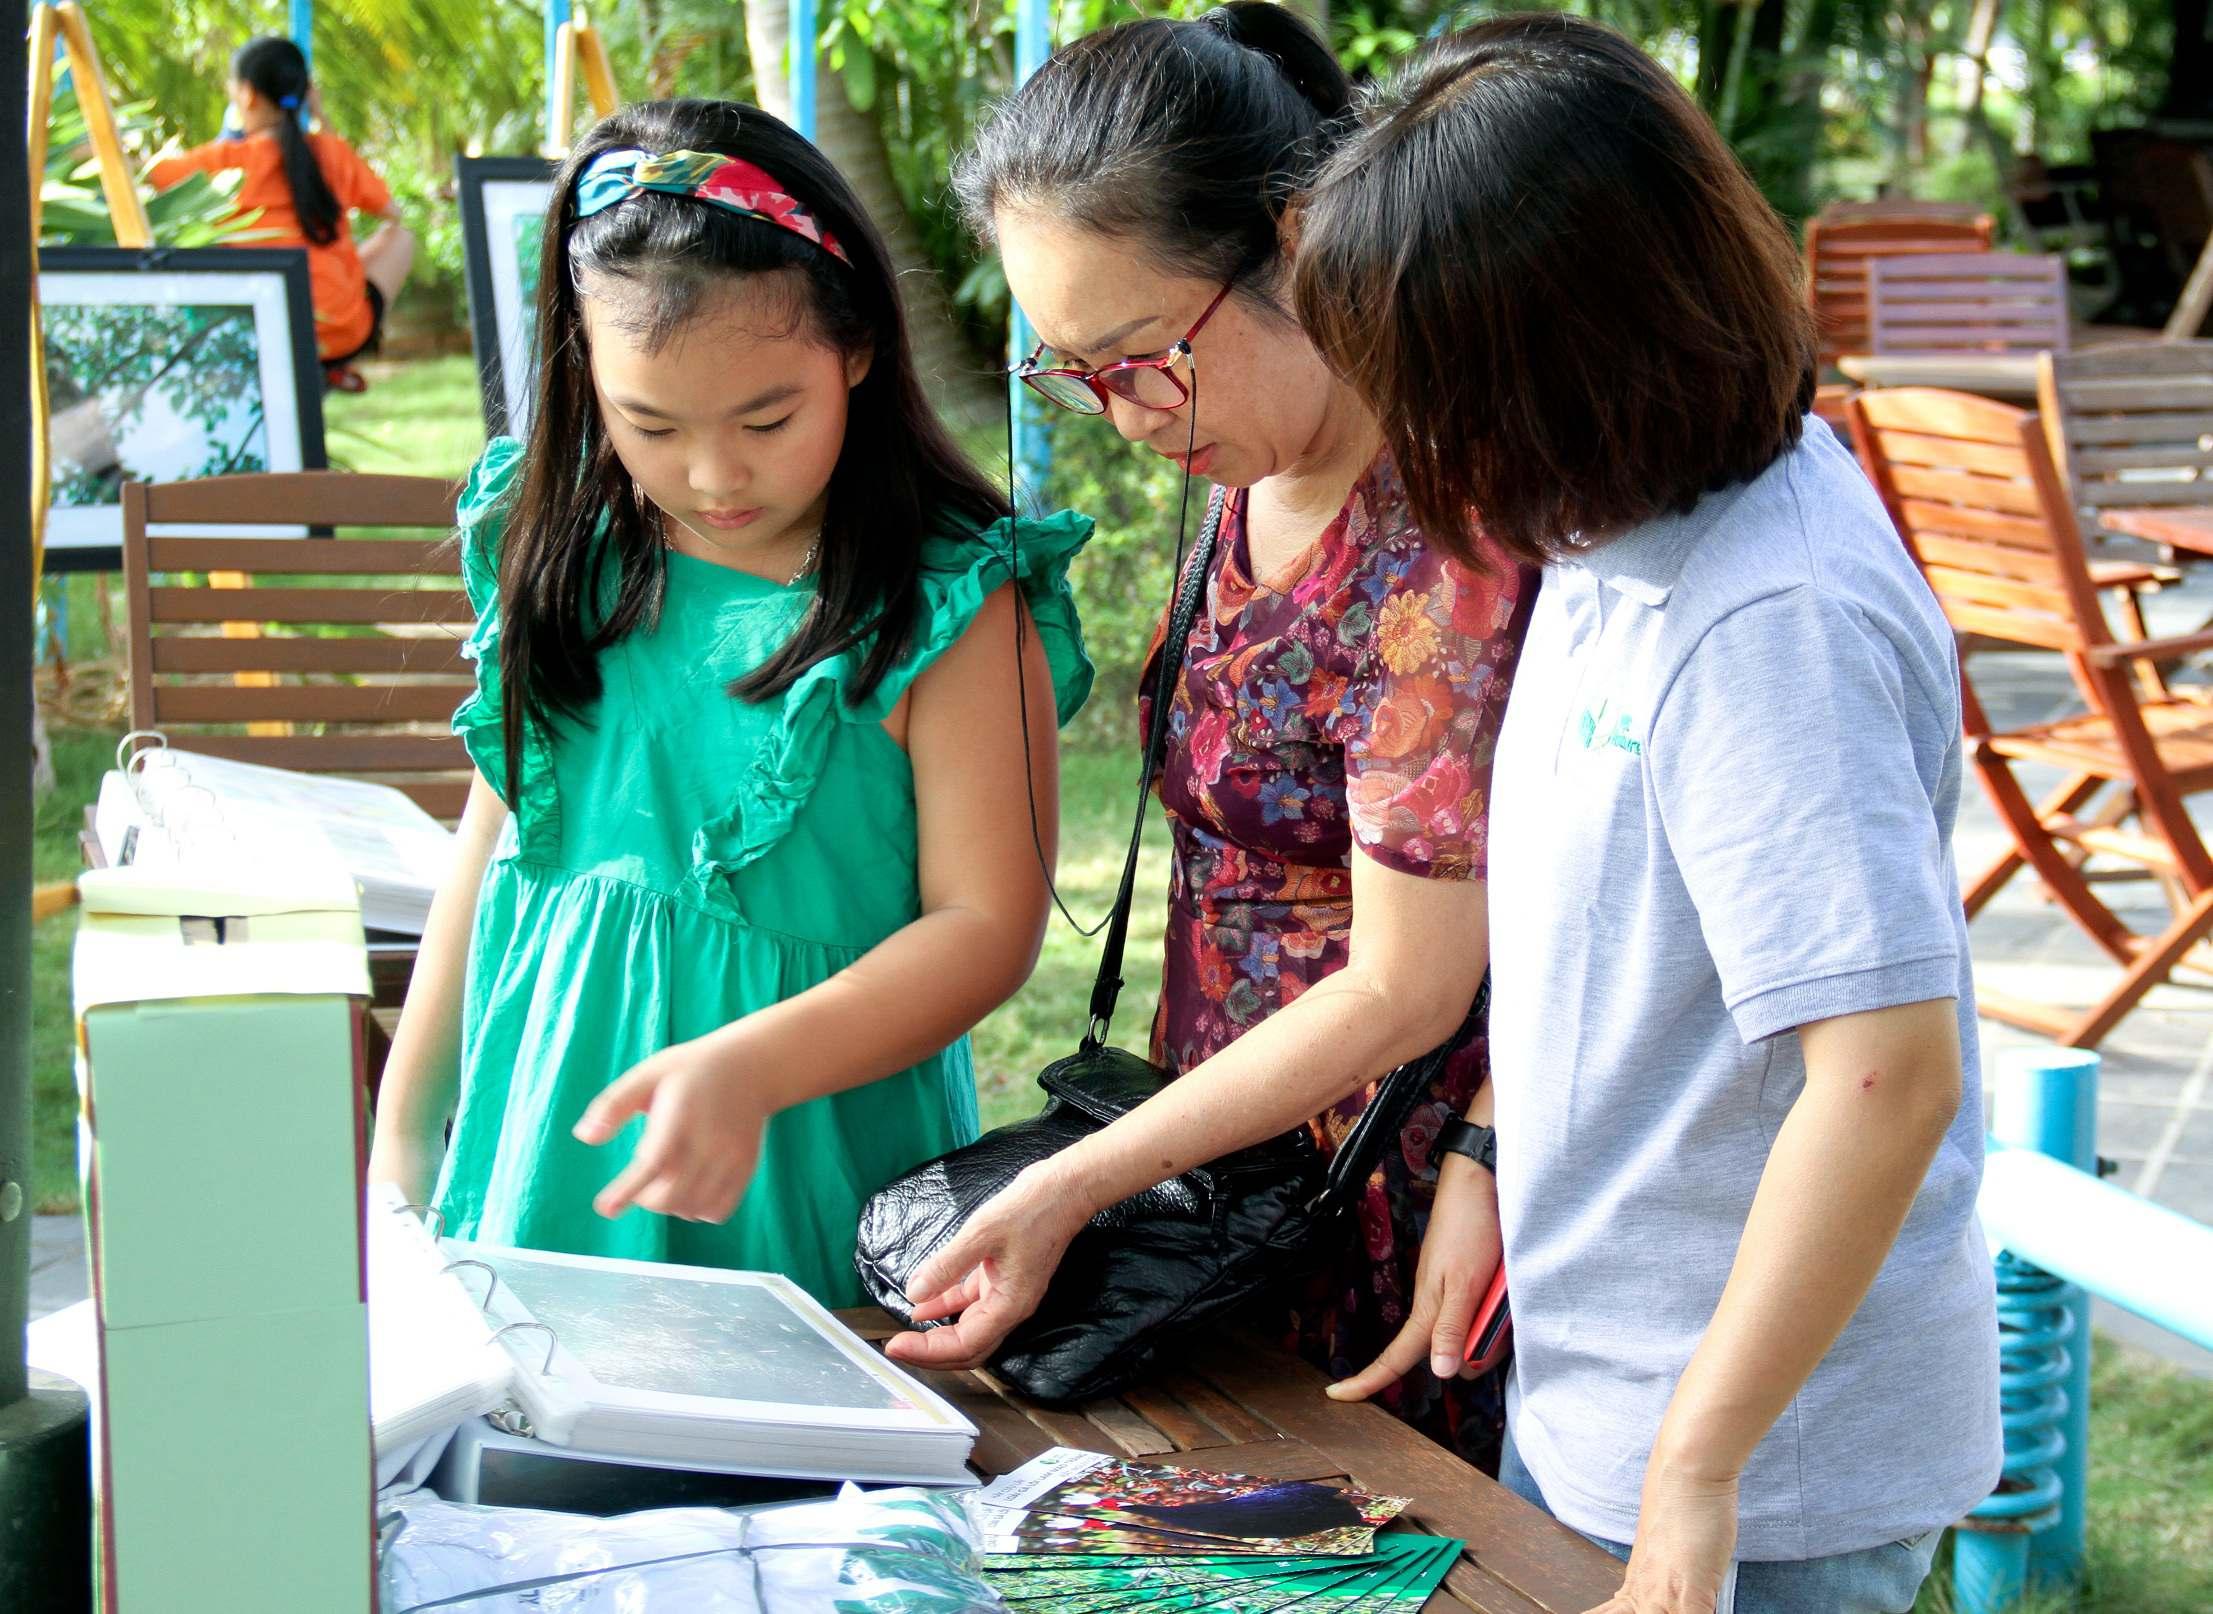 """Triển lãm """"Chung tay bảo vệ động vật hoang dã"""" được tổ chức bởi Trung tâm Bảo tồn Thiên nhiên Việt"""